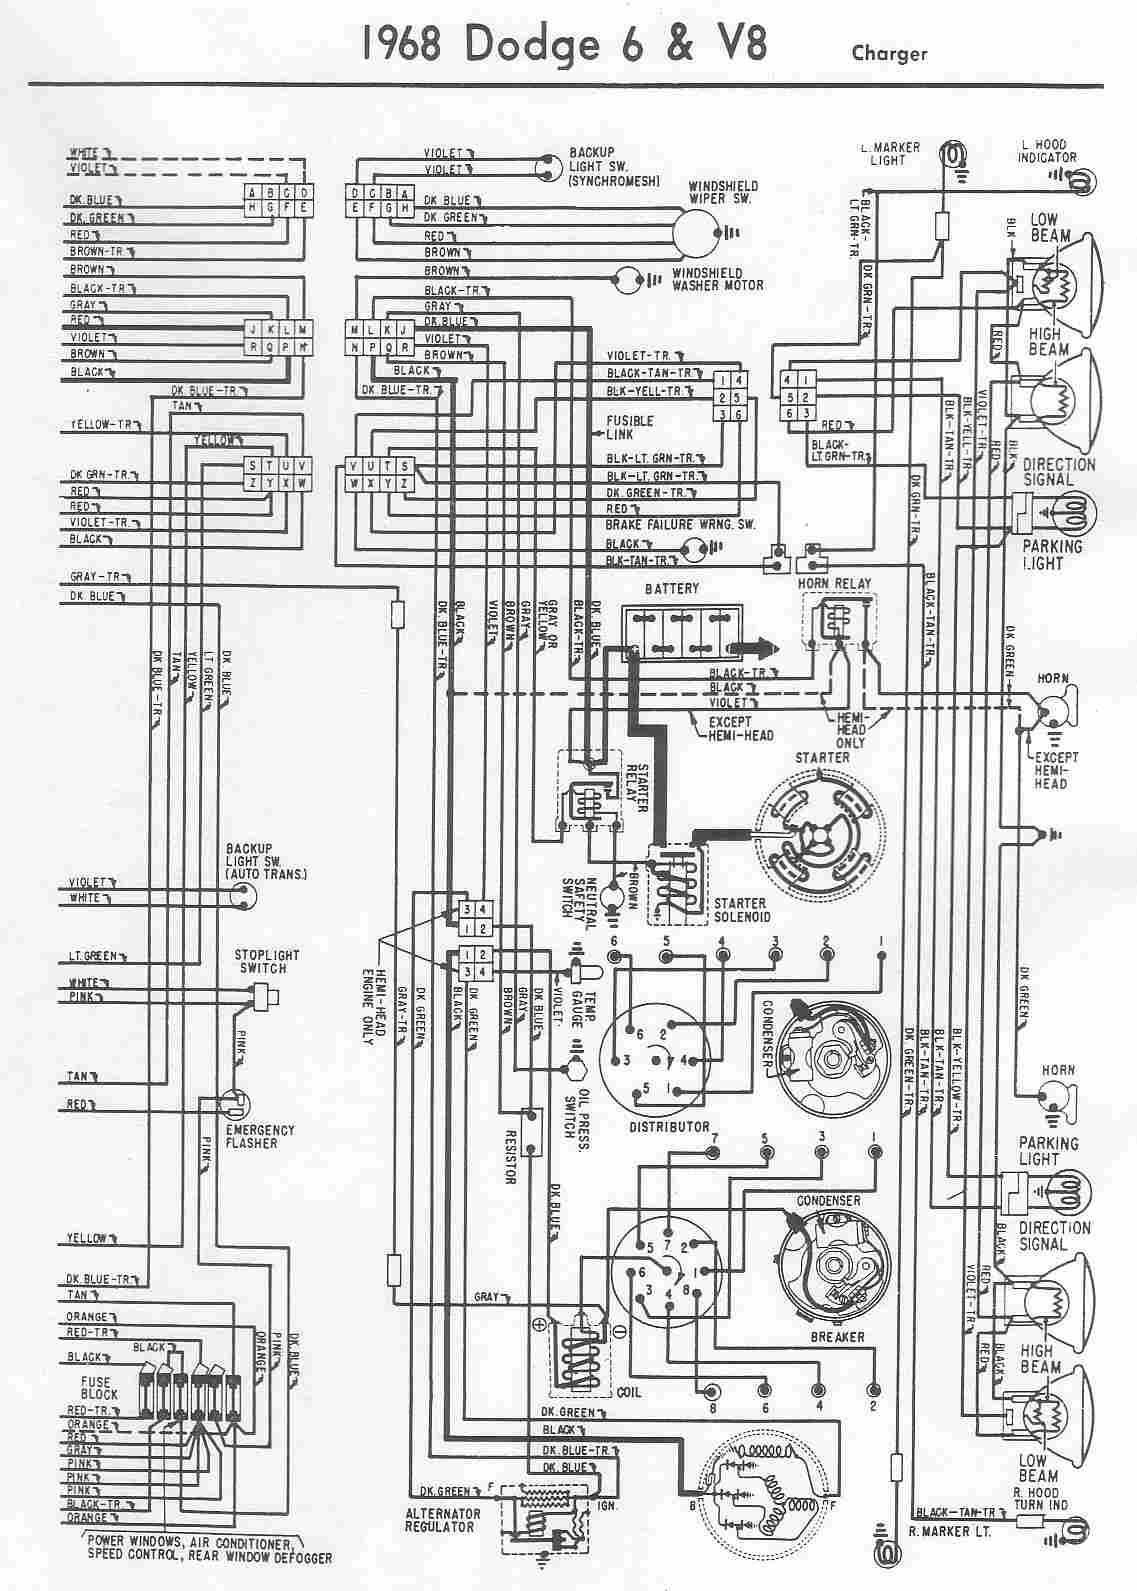 94 Dodge 2500 Wire Diagram Free Download Wiring Diagram Schematic